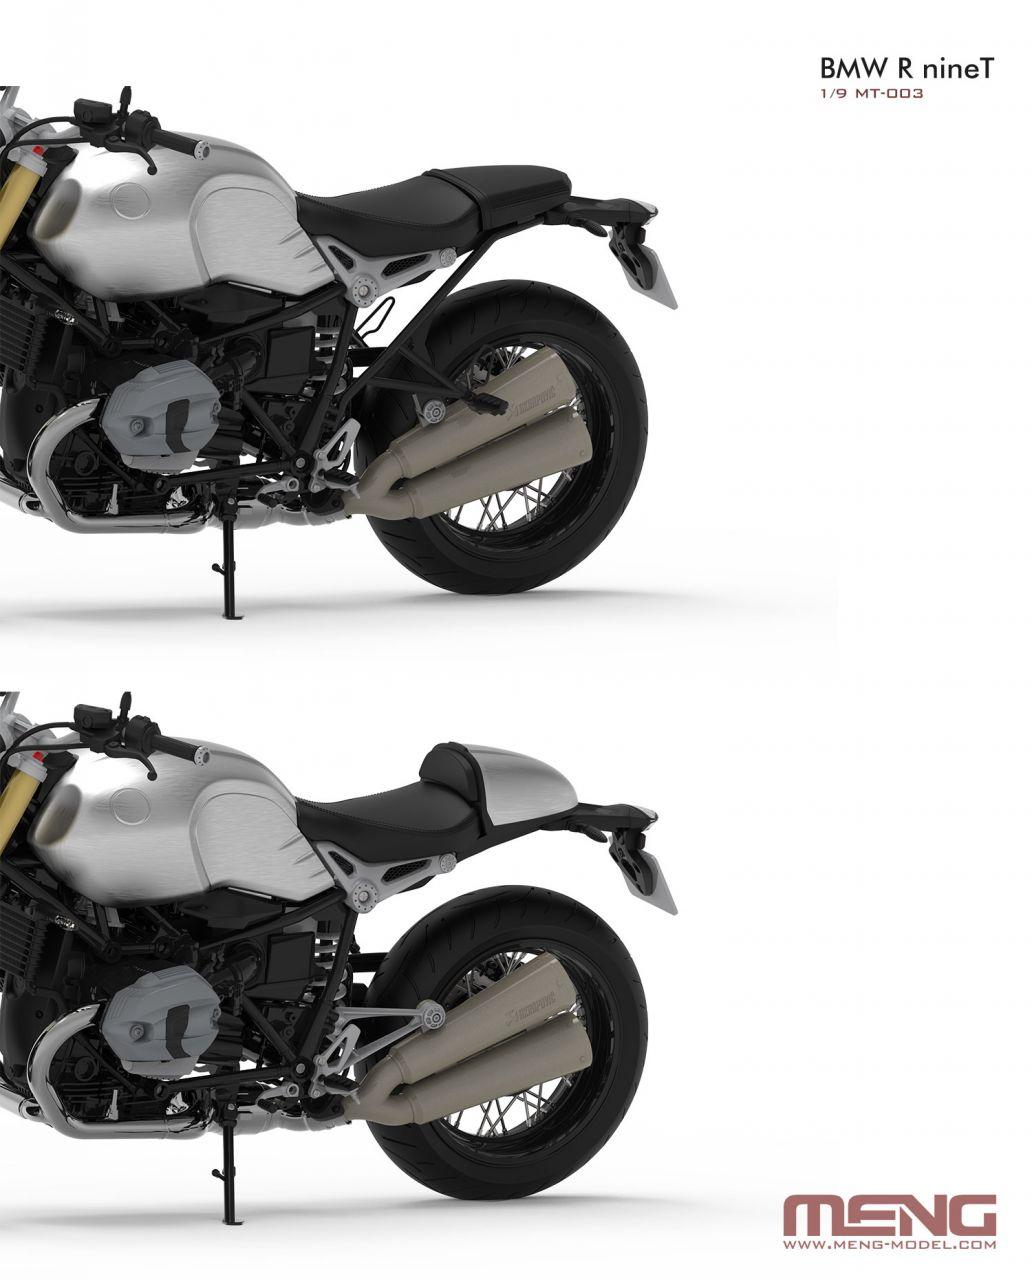 MENG MT-003 BMW R nine T